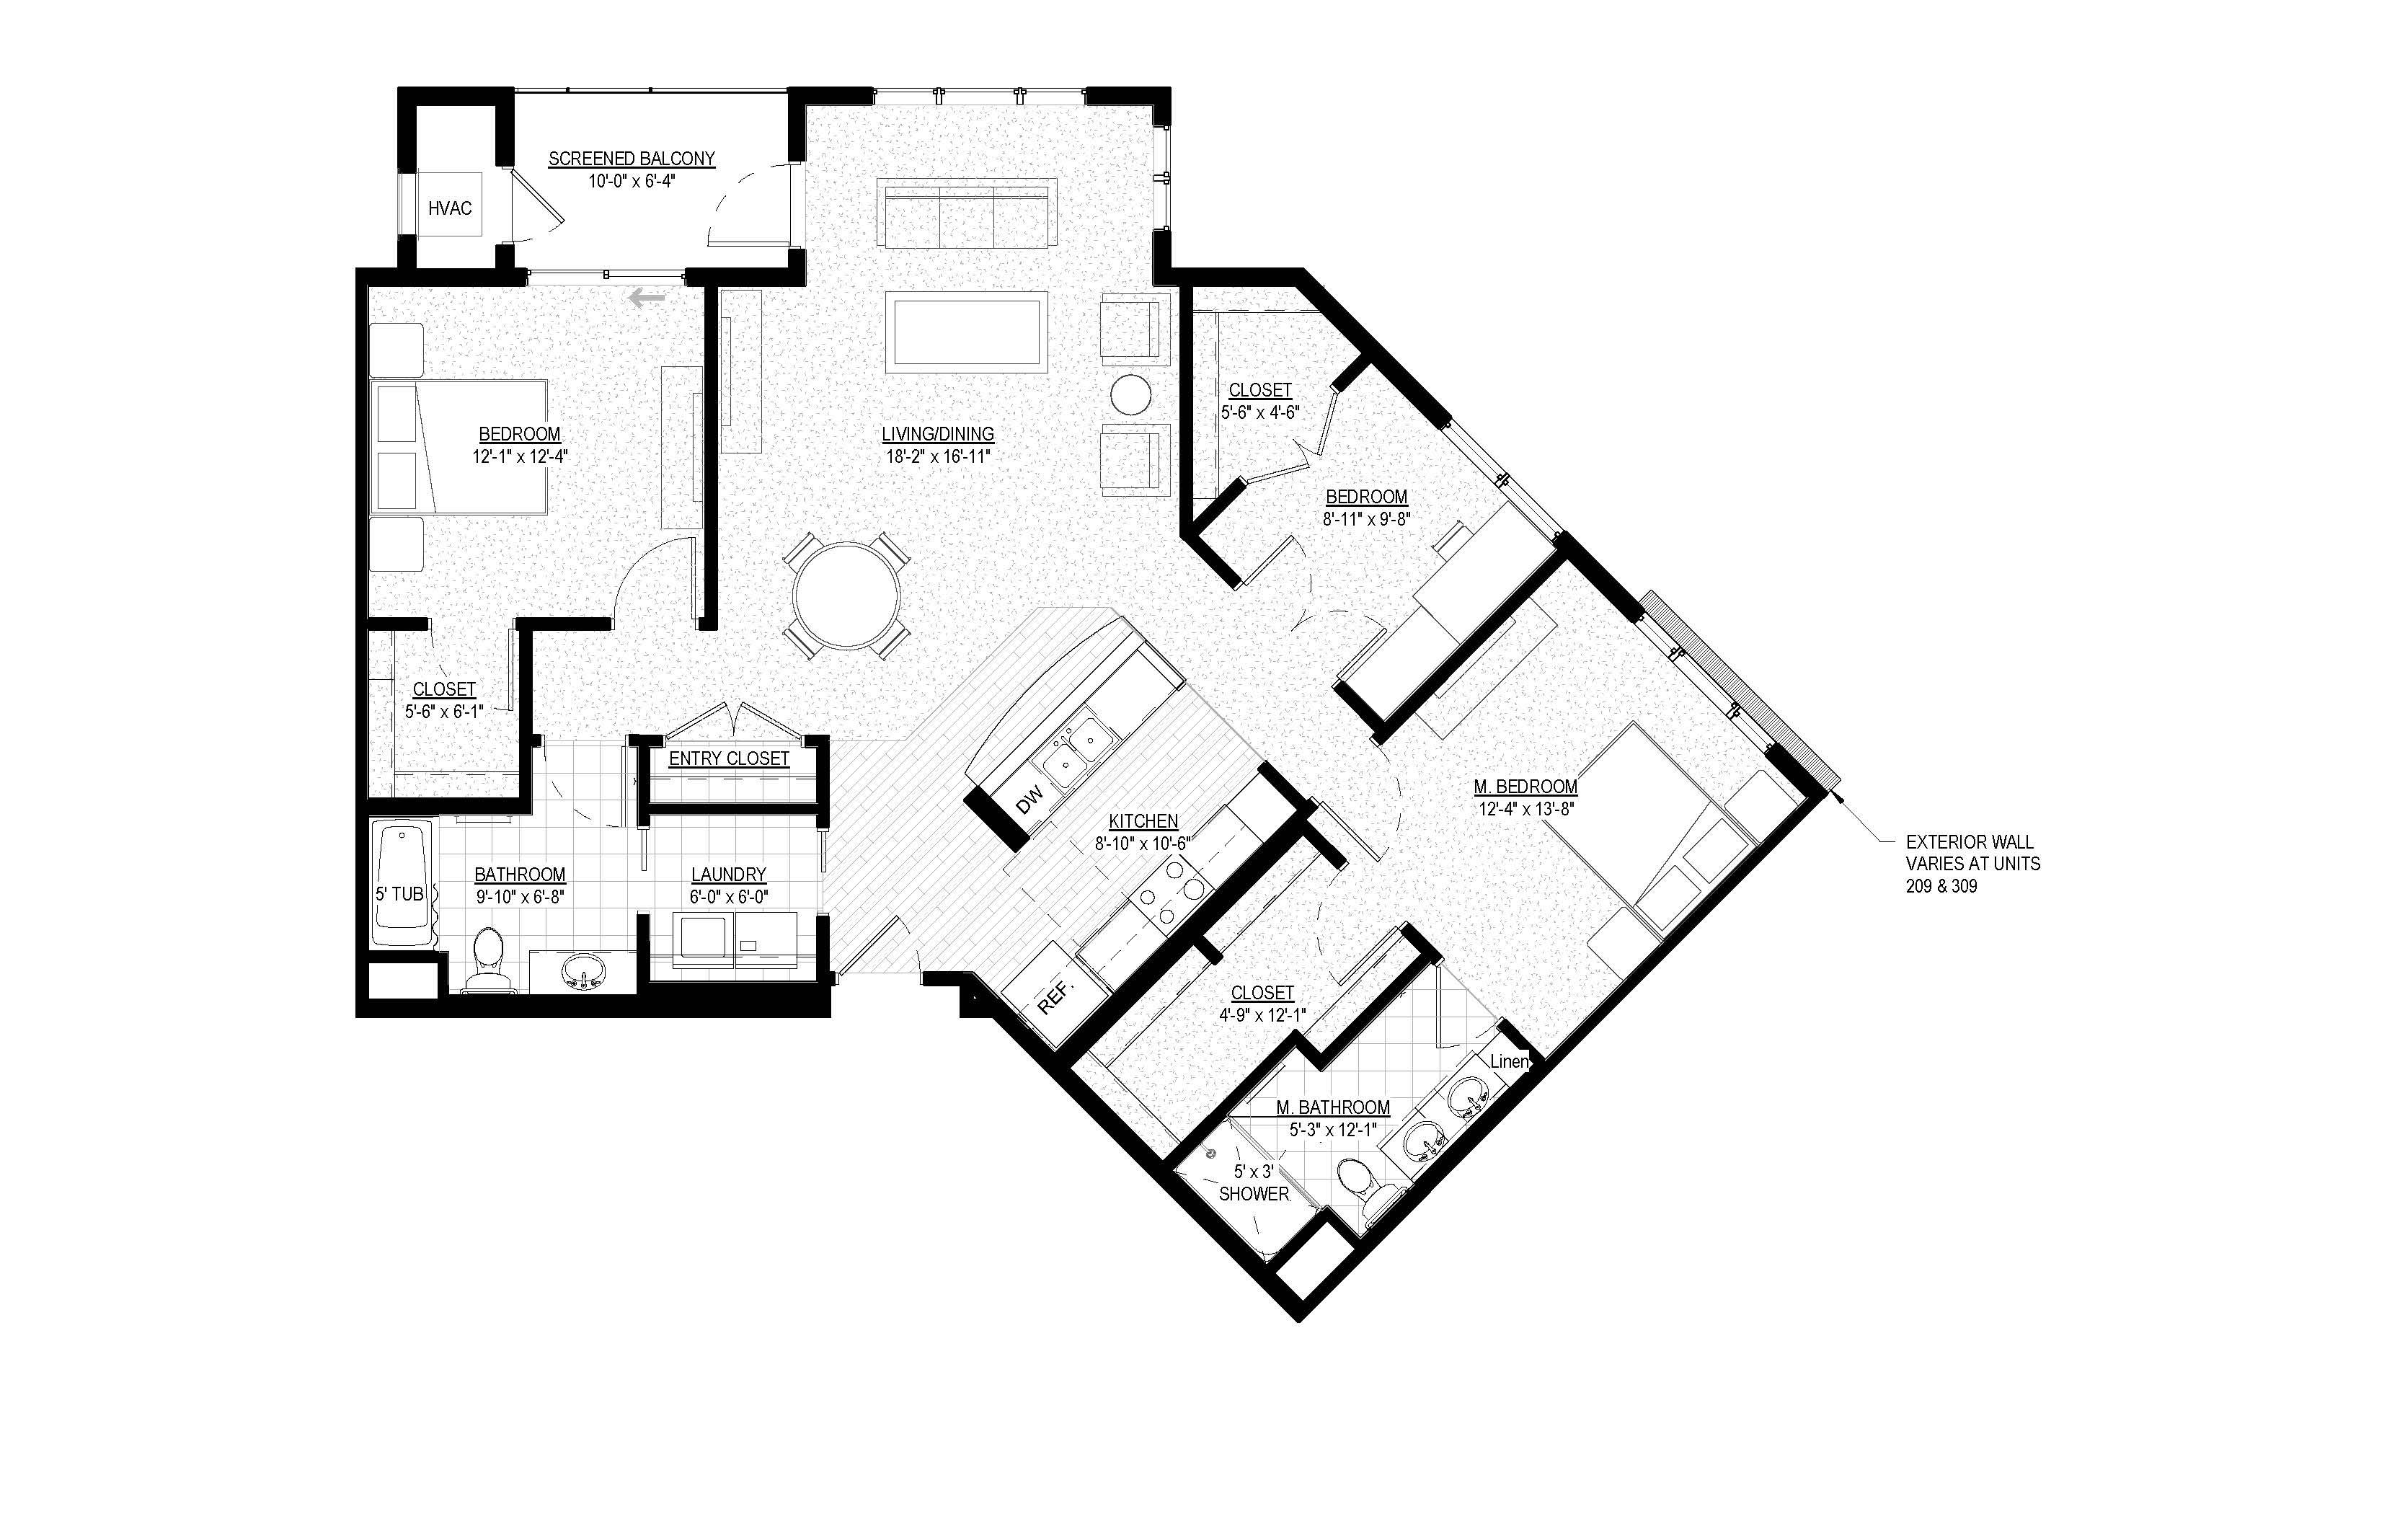 zvago zvago central village BMW X6 M redwood 3 beds 2 baths 1522 sq ft